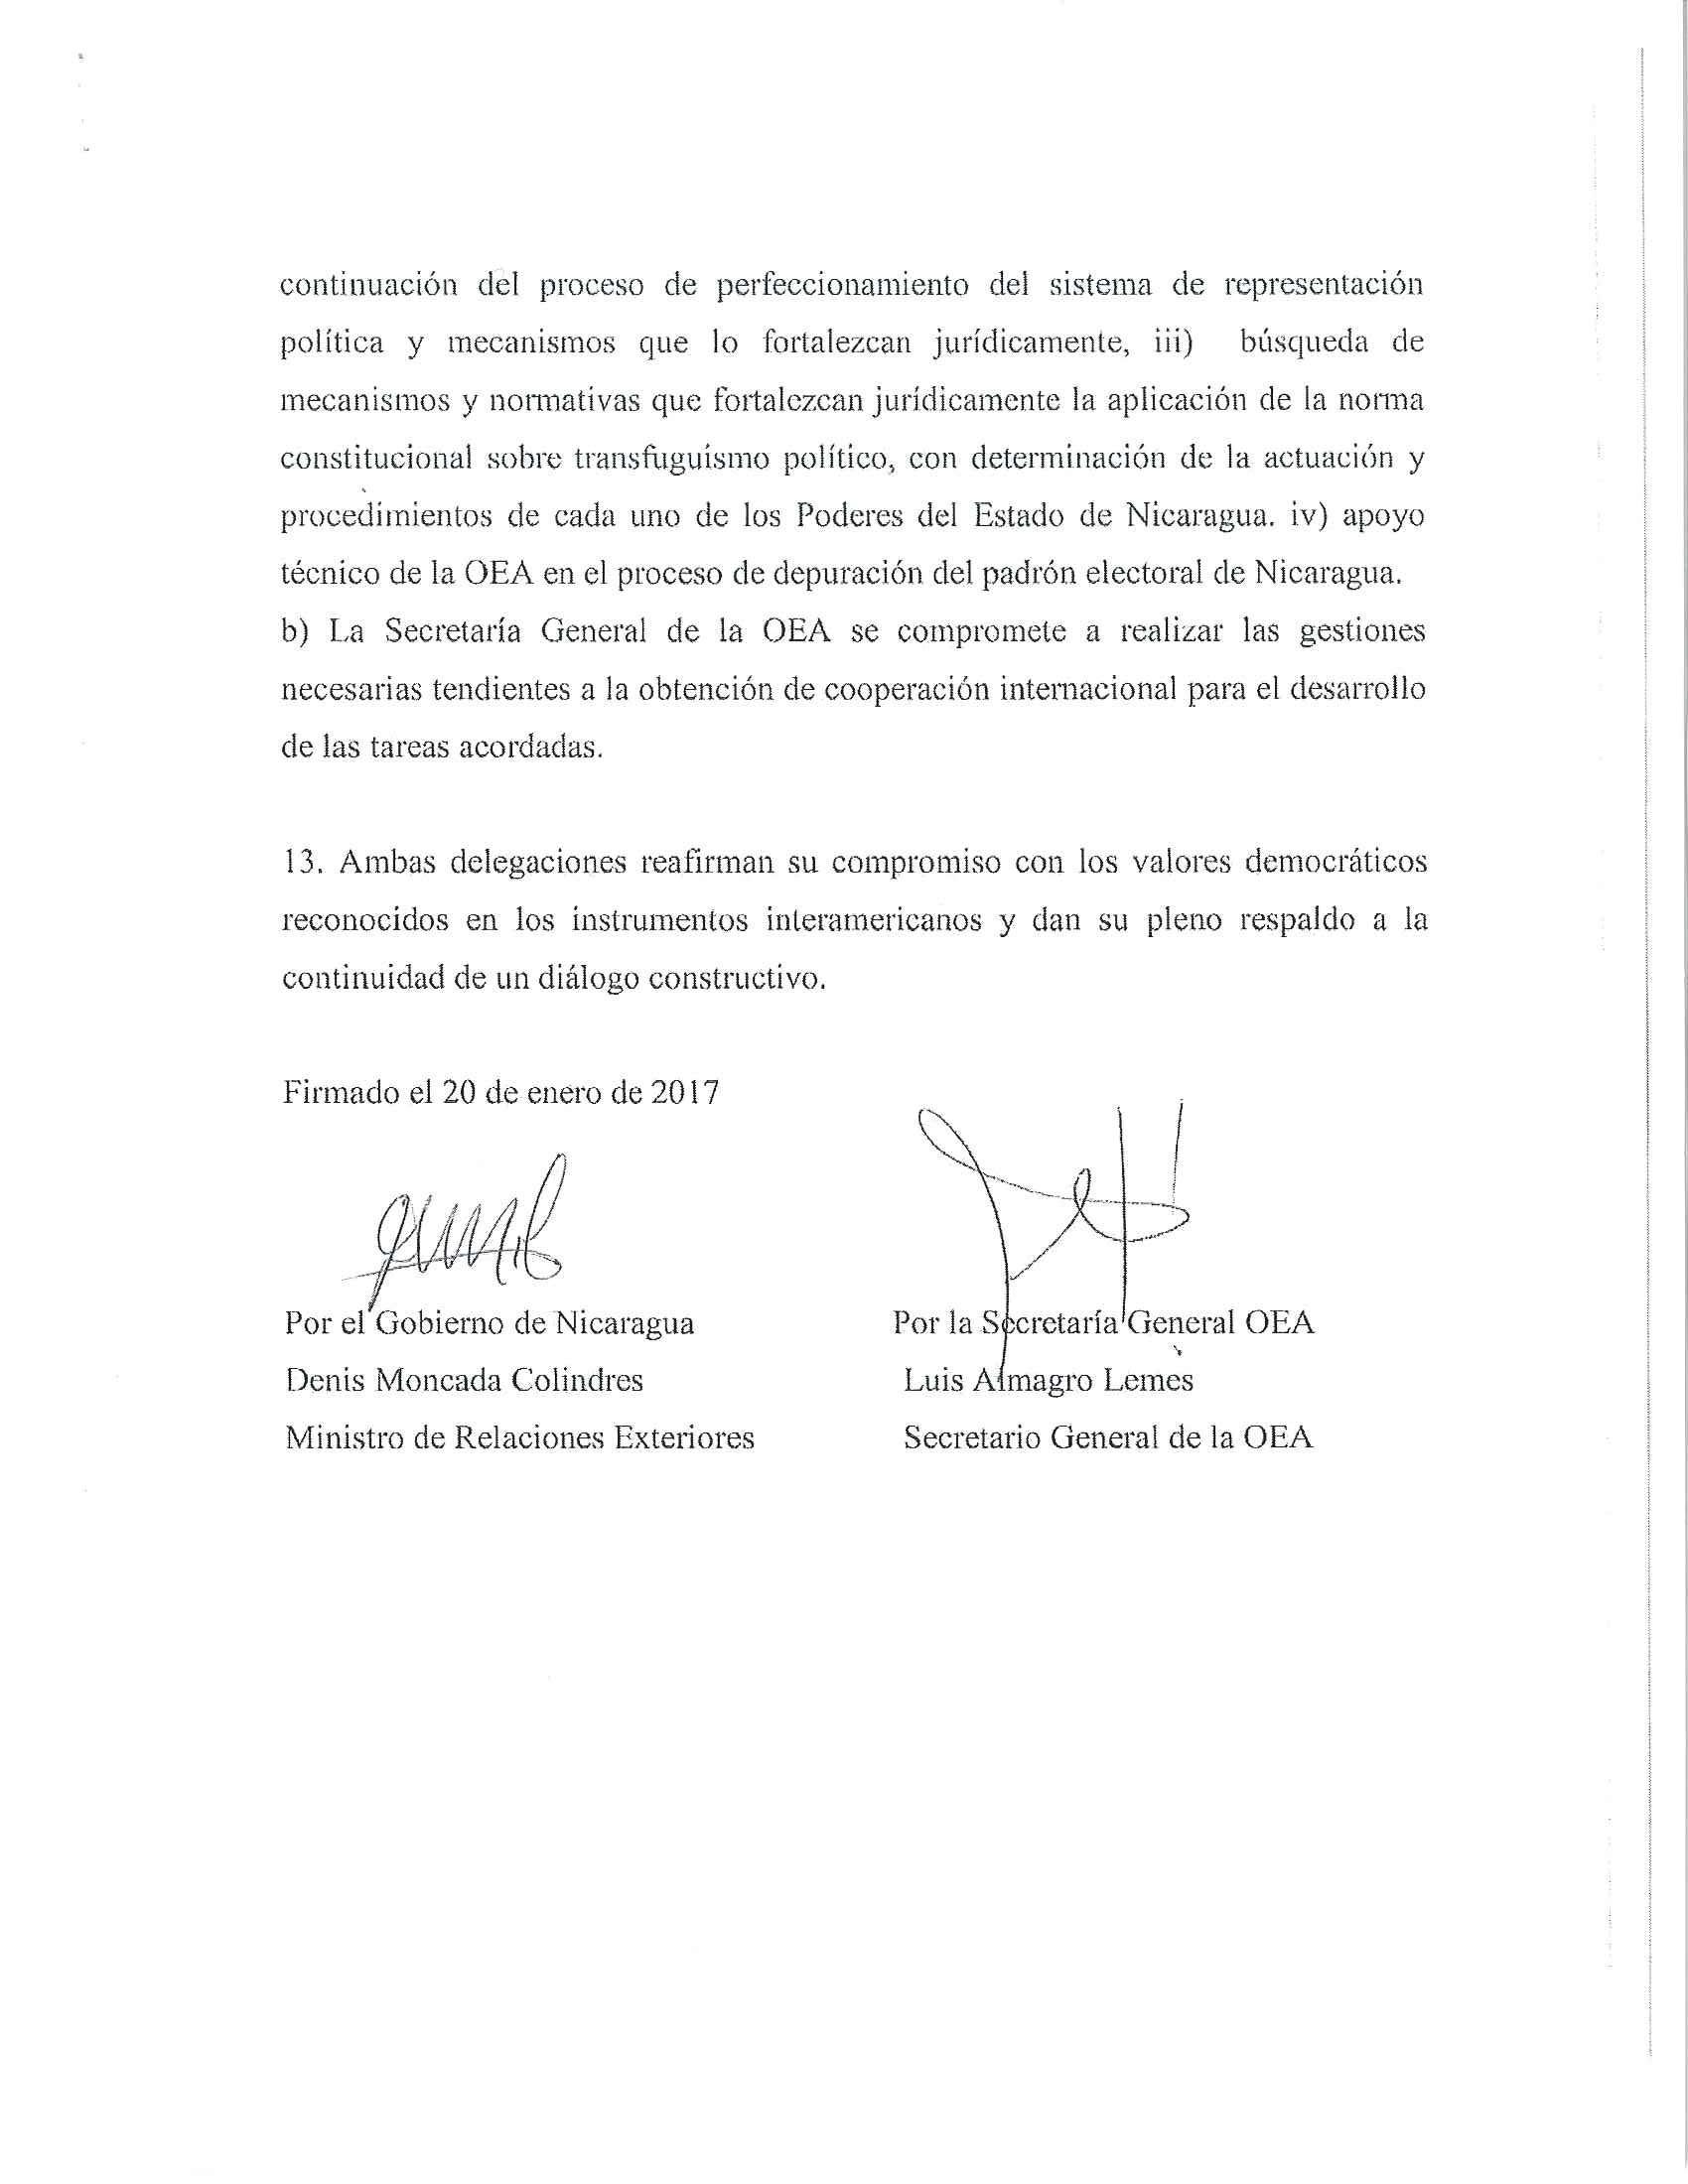 Acuerdo Nicaragua OEA 2017 6/6